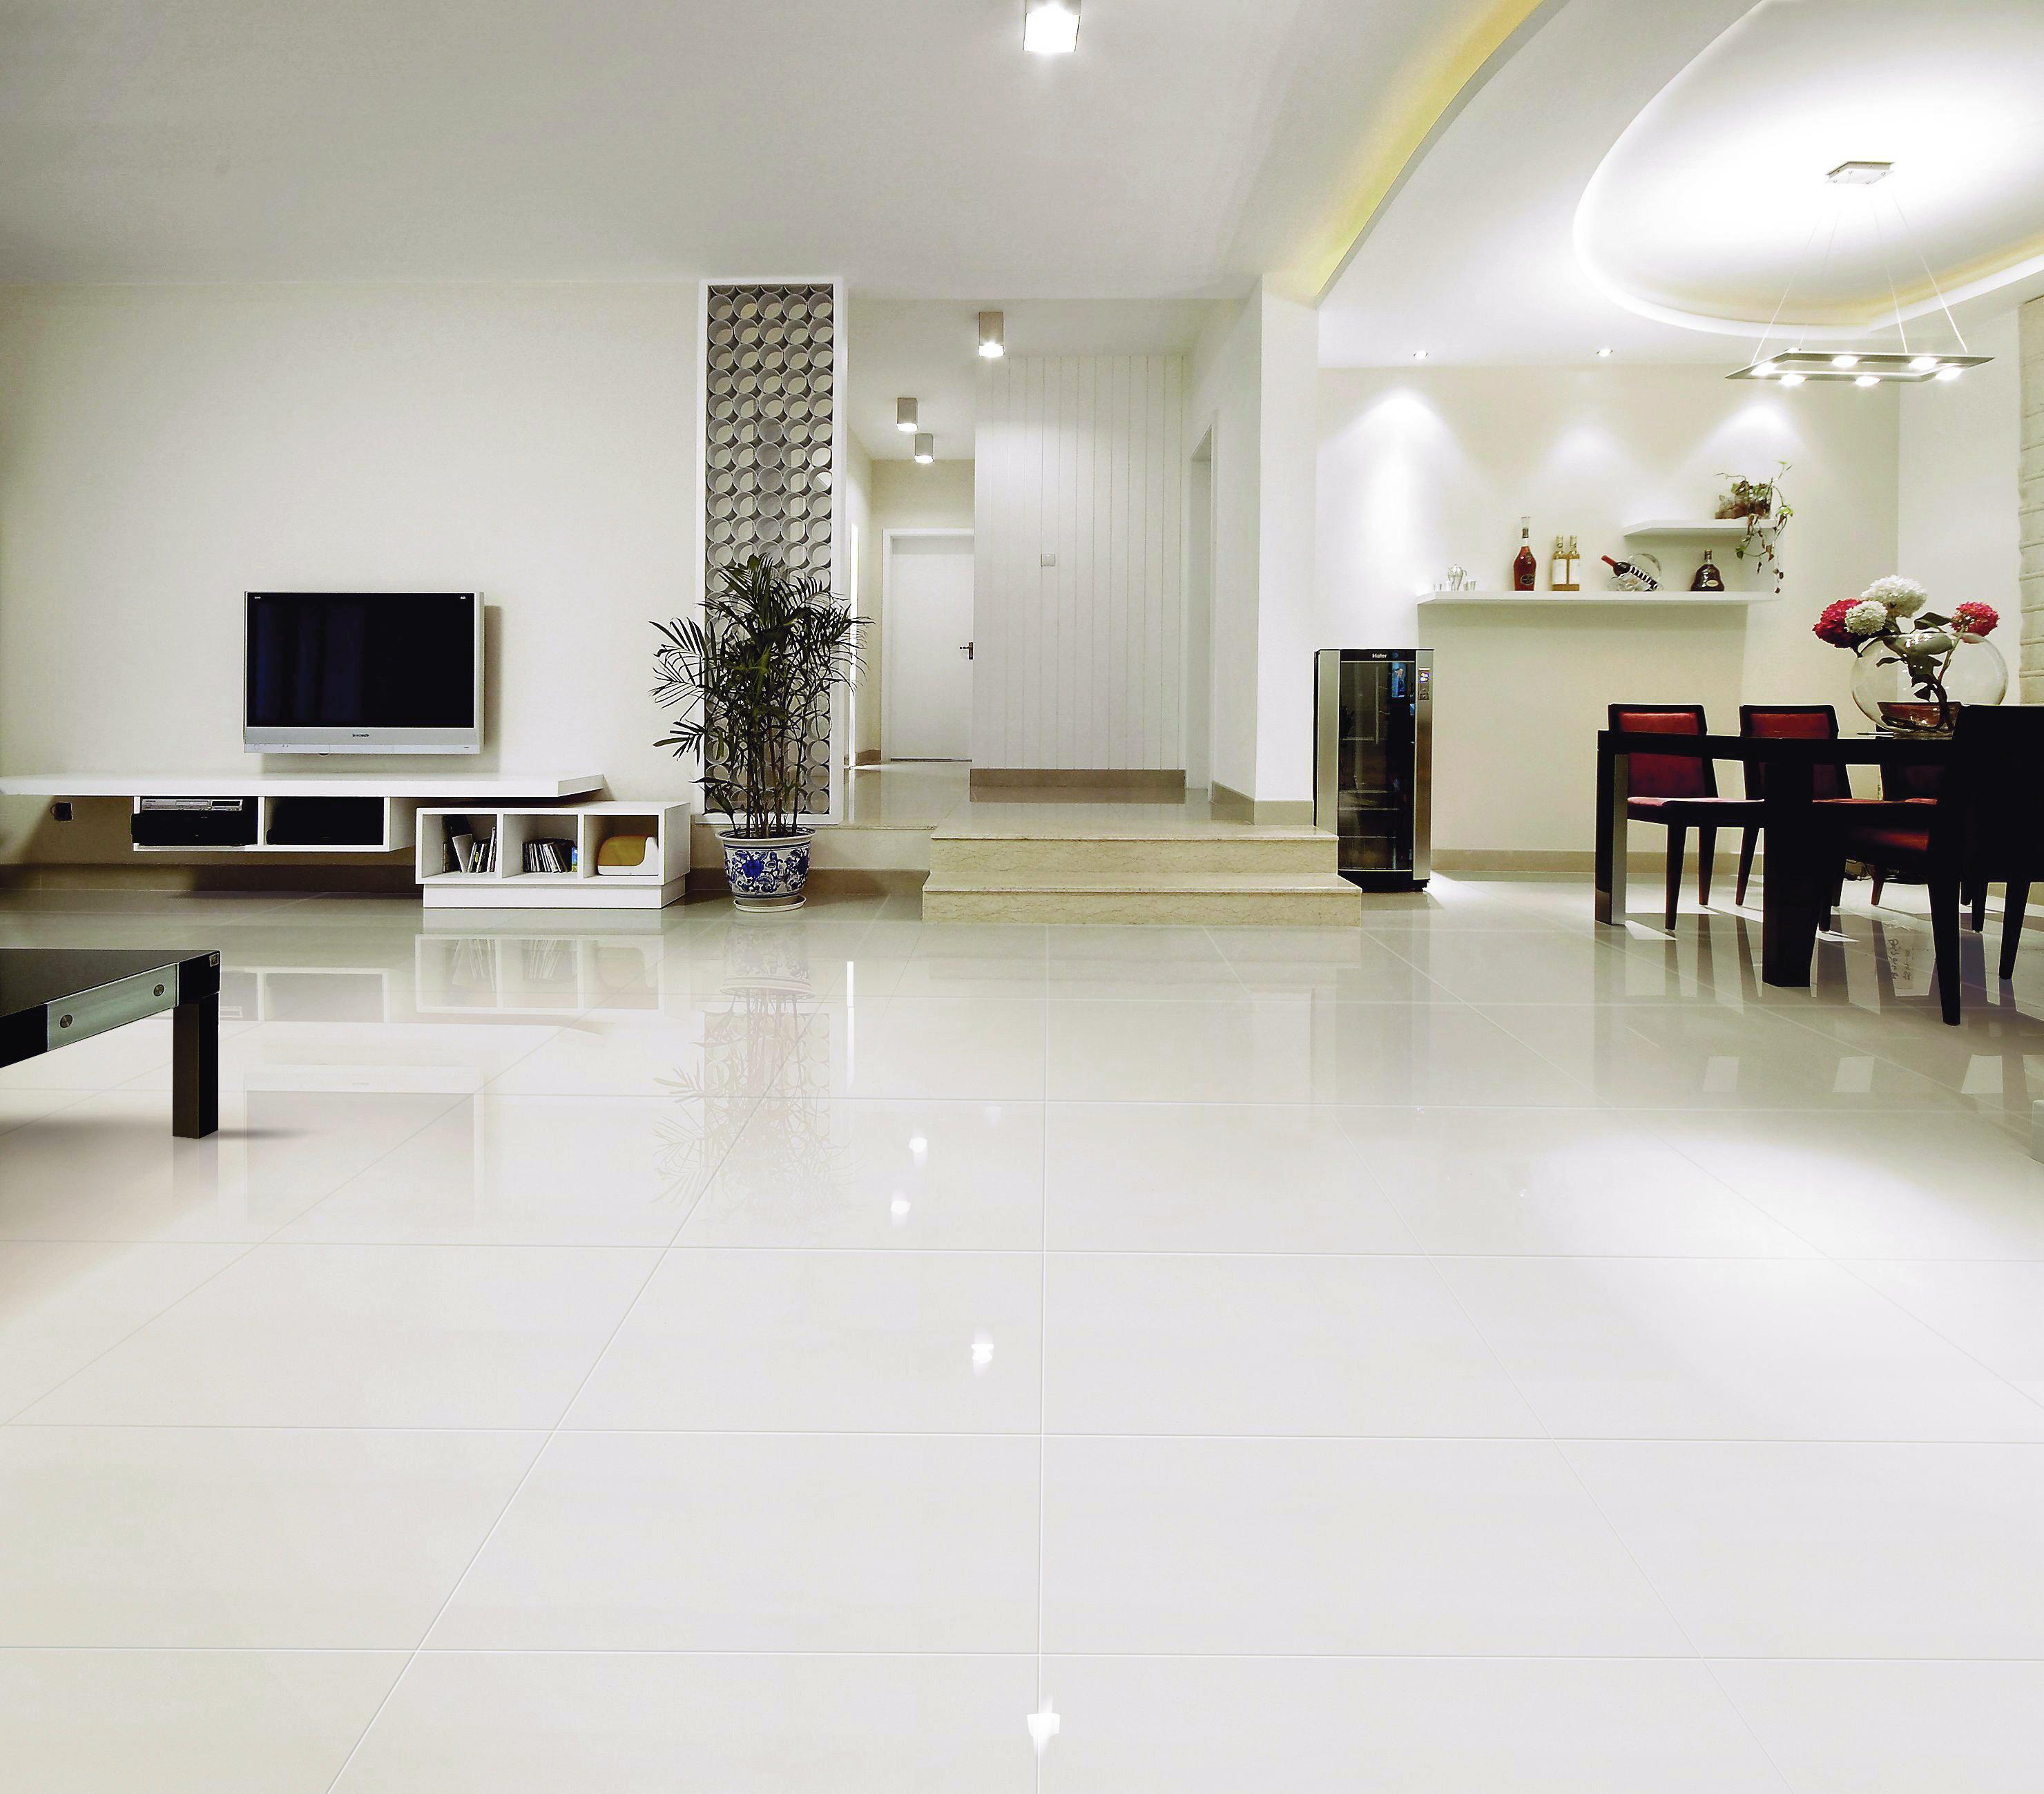 white porcelain tile floor. Off White Porcelain Tile White Porcelain Tile Floor O